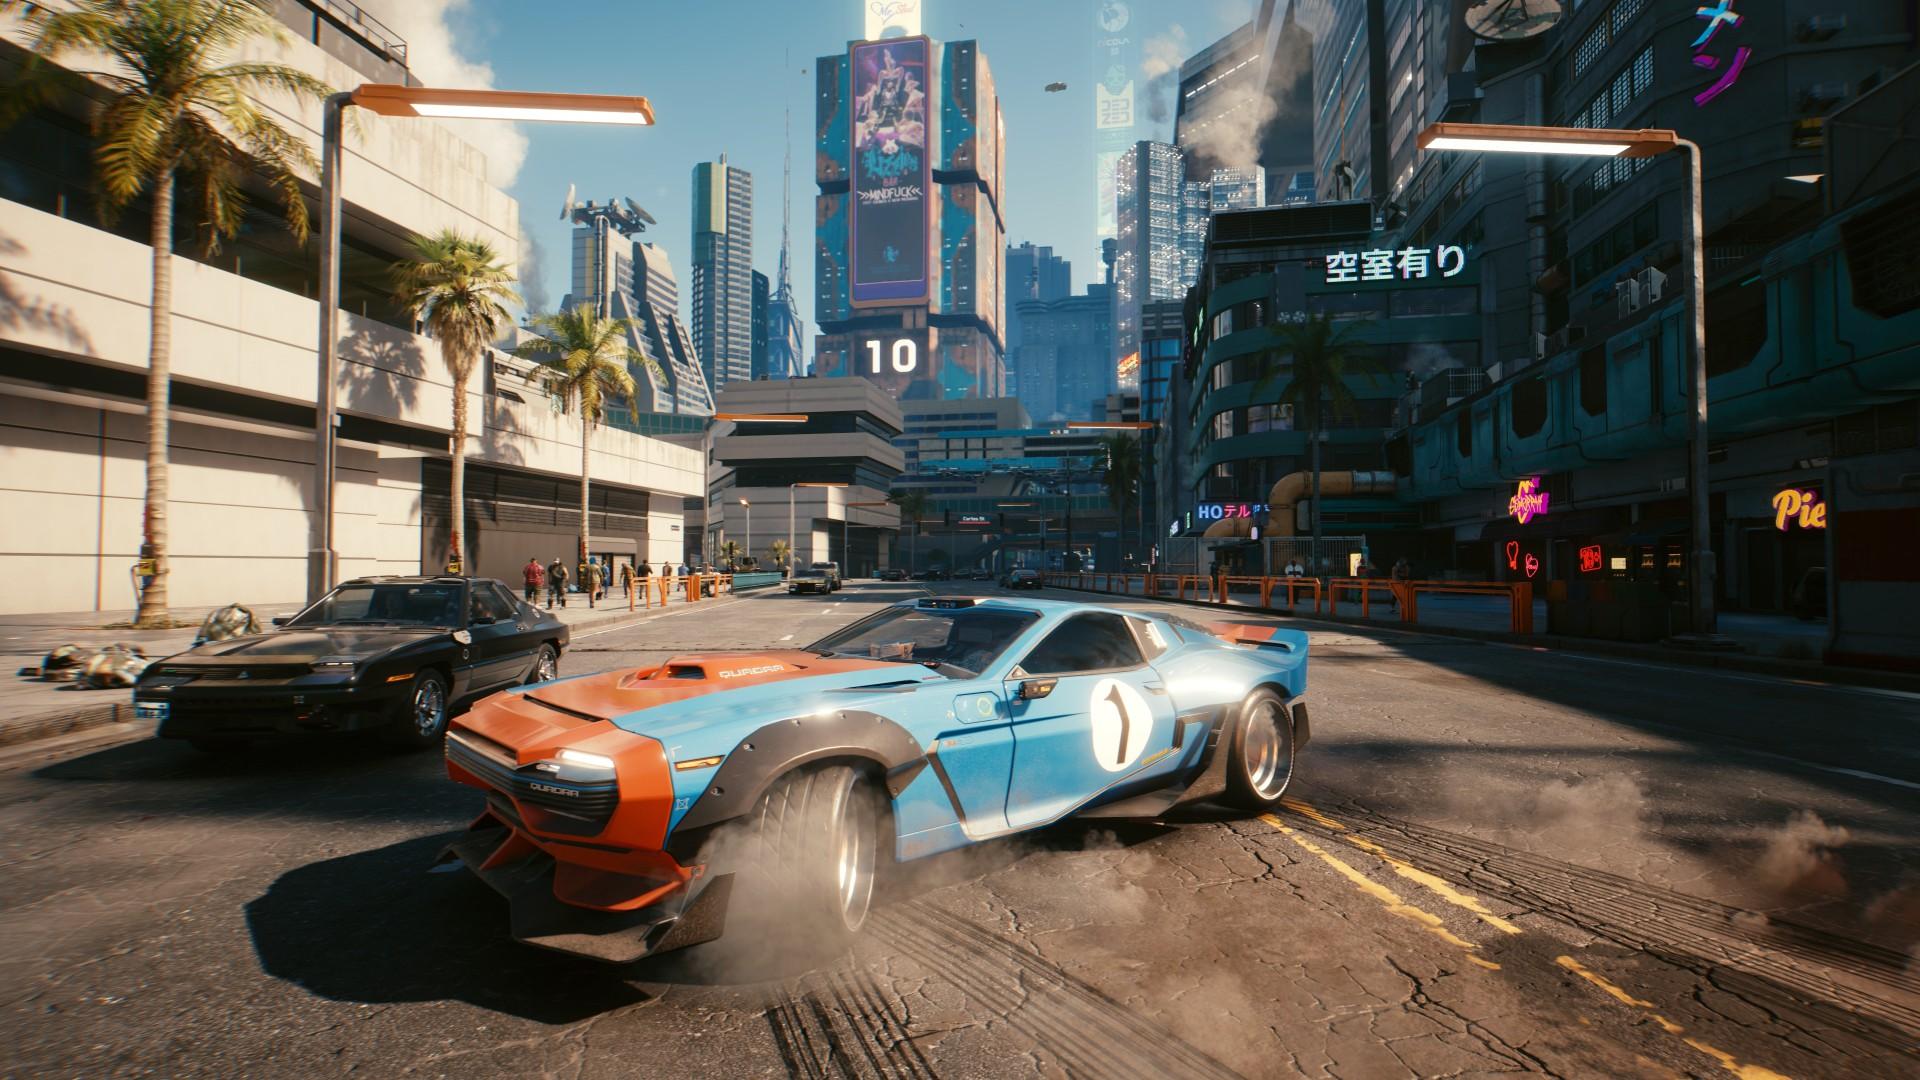 《赛博朋克2077》海量新截图:超多车辆任你选用 澳博体育-平台入口